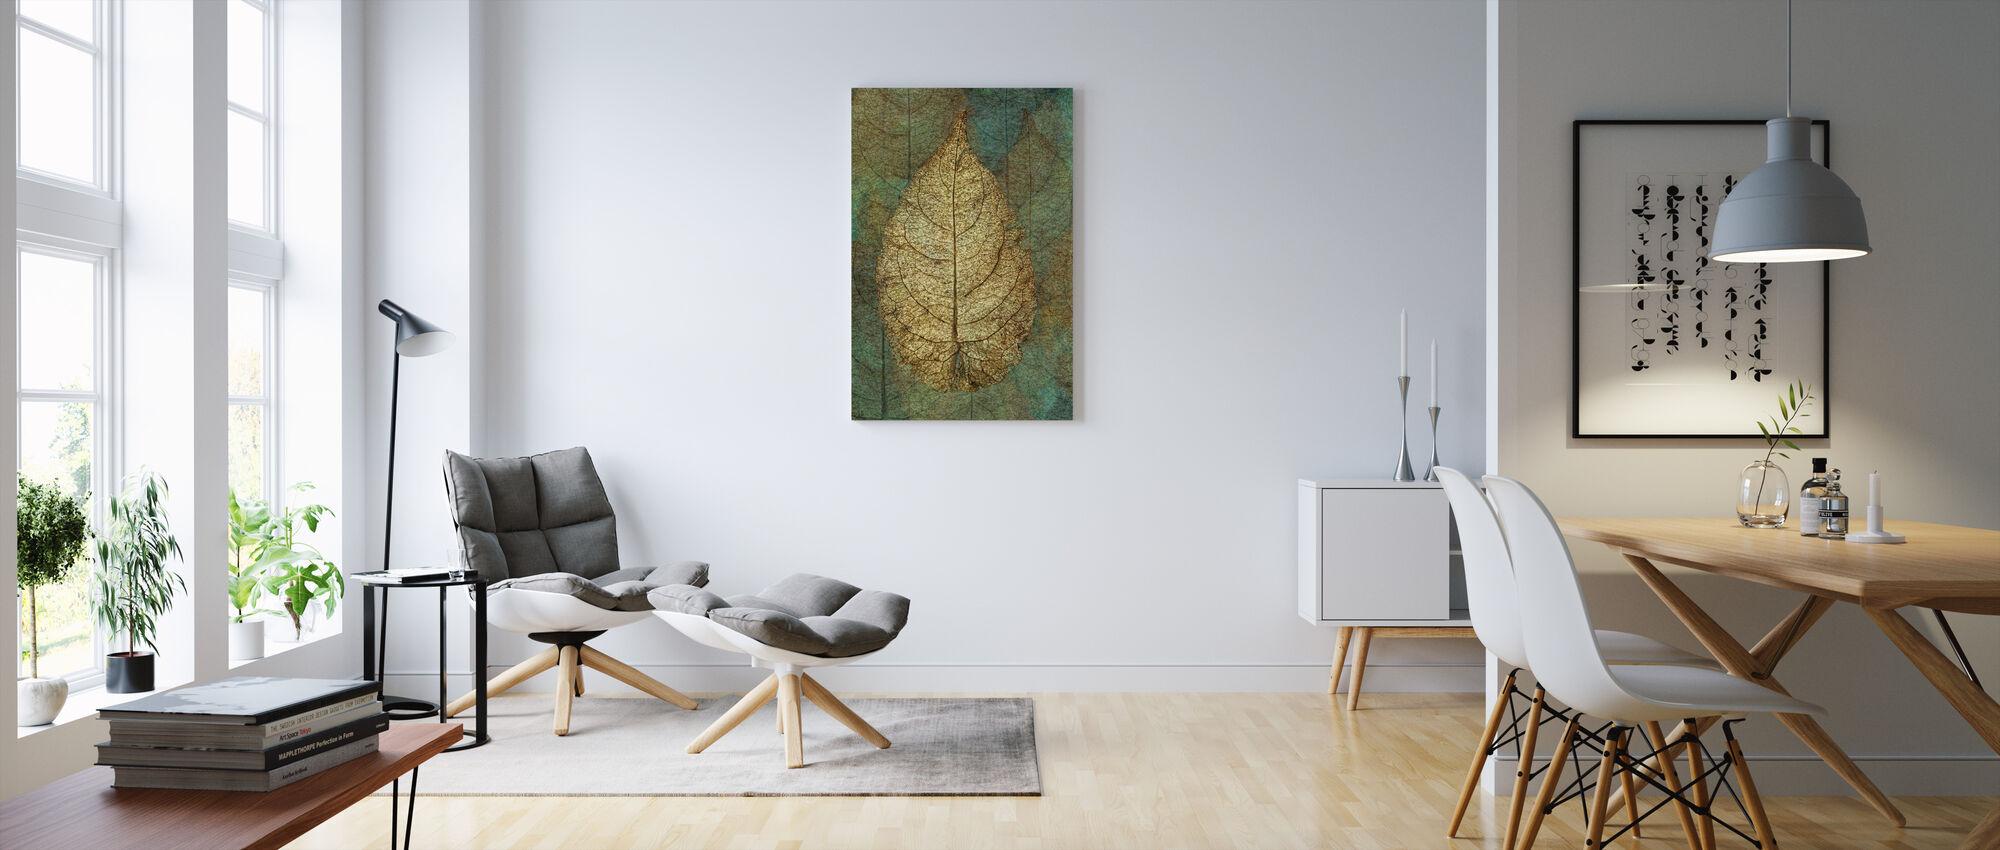 Gyldne kobber blad - Billede på lærred - Stue